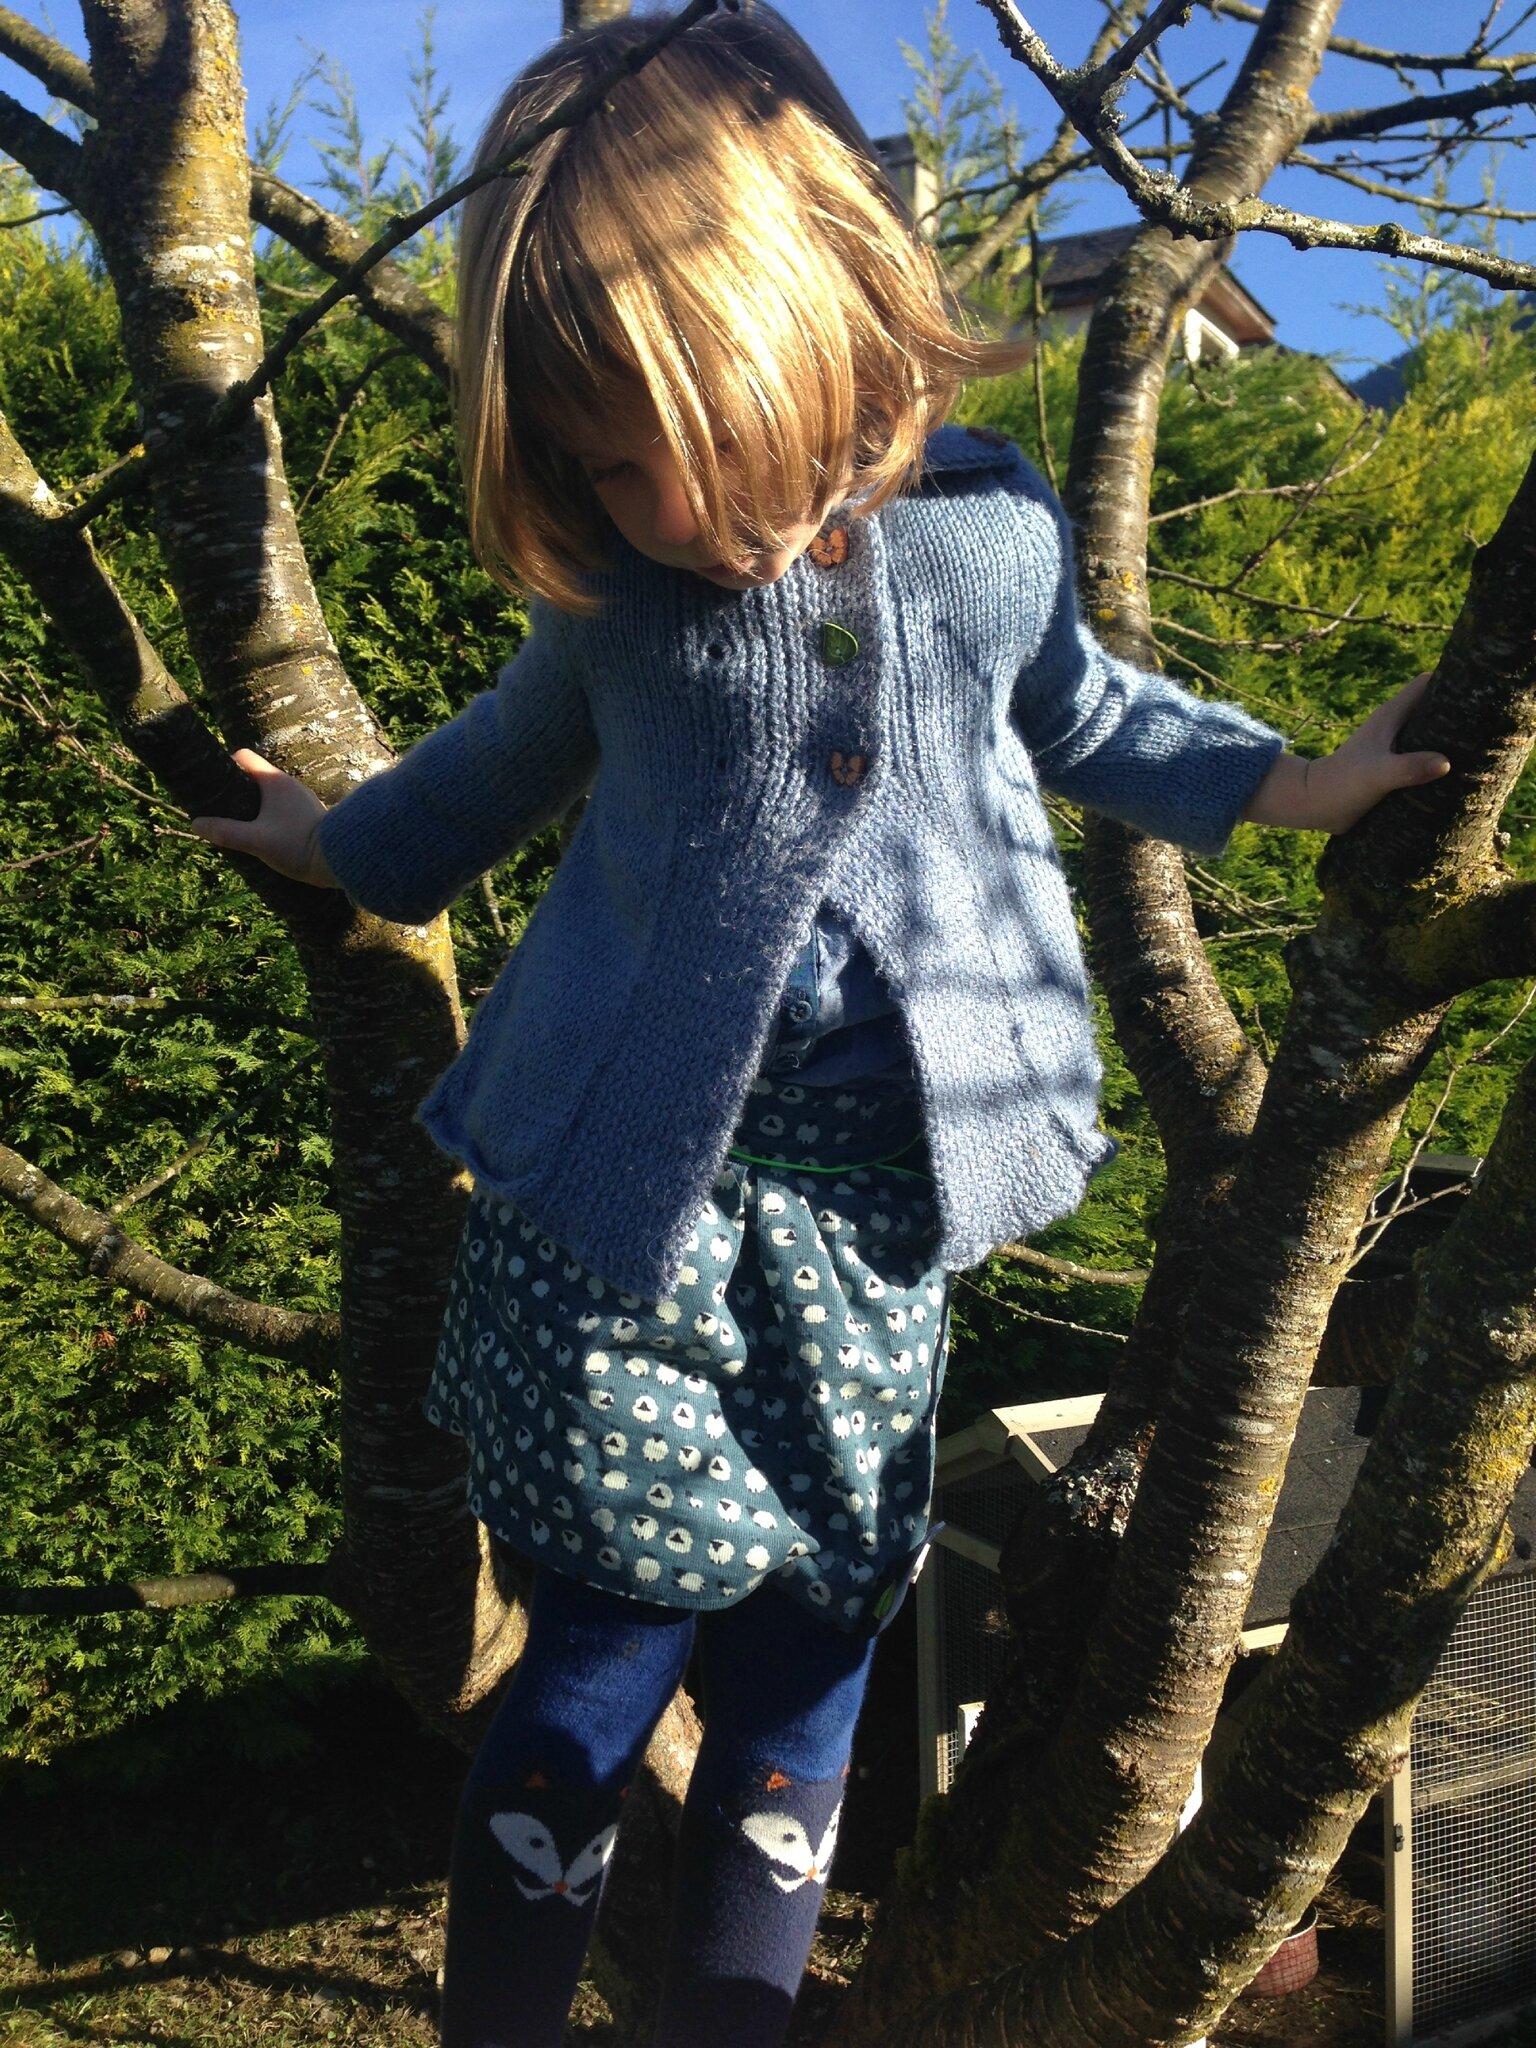 En tout cas, validée pour grimper à l'arbre !